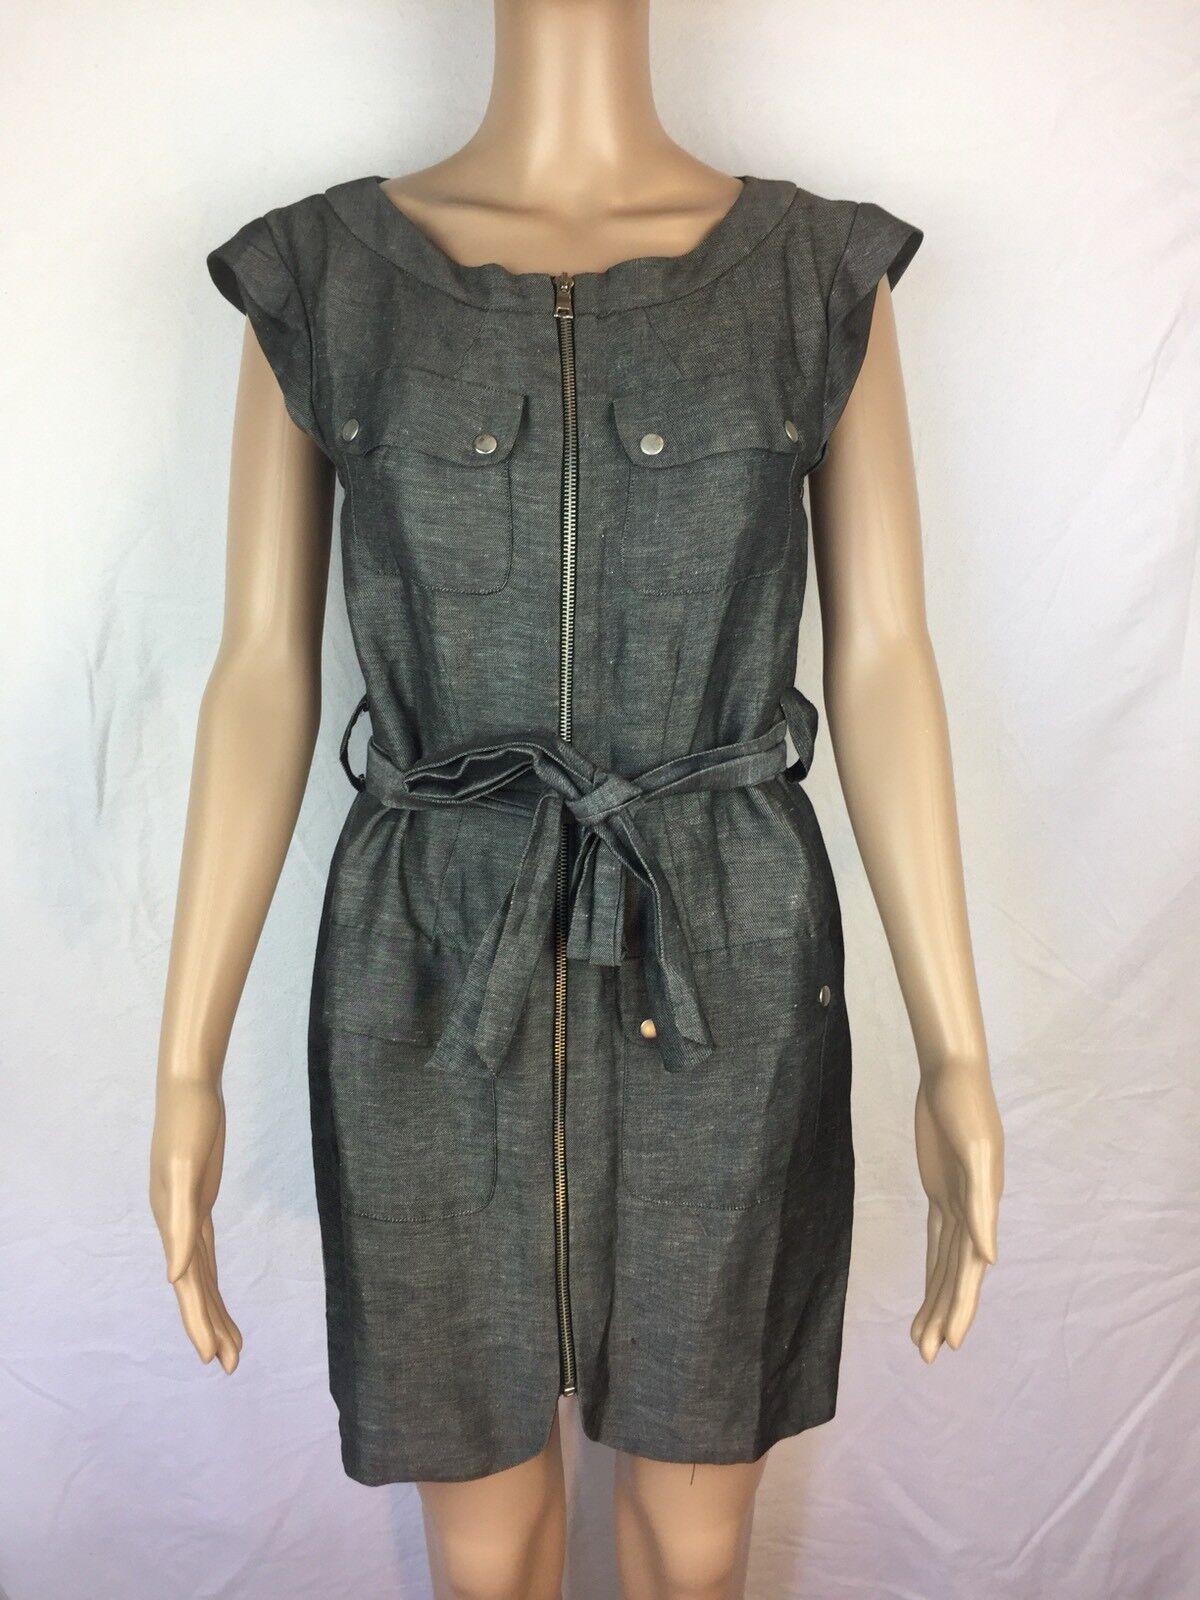 Women's Cynthia Steffe Gray Zip Dress Silk/Linen Blend Belt Size 2 Silver Snaps